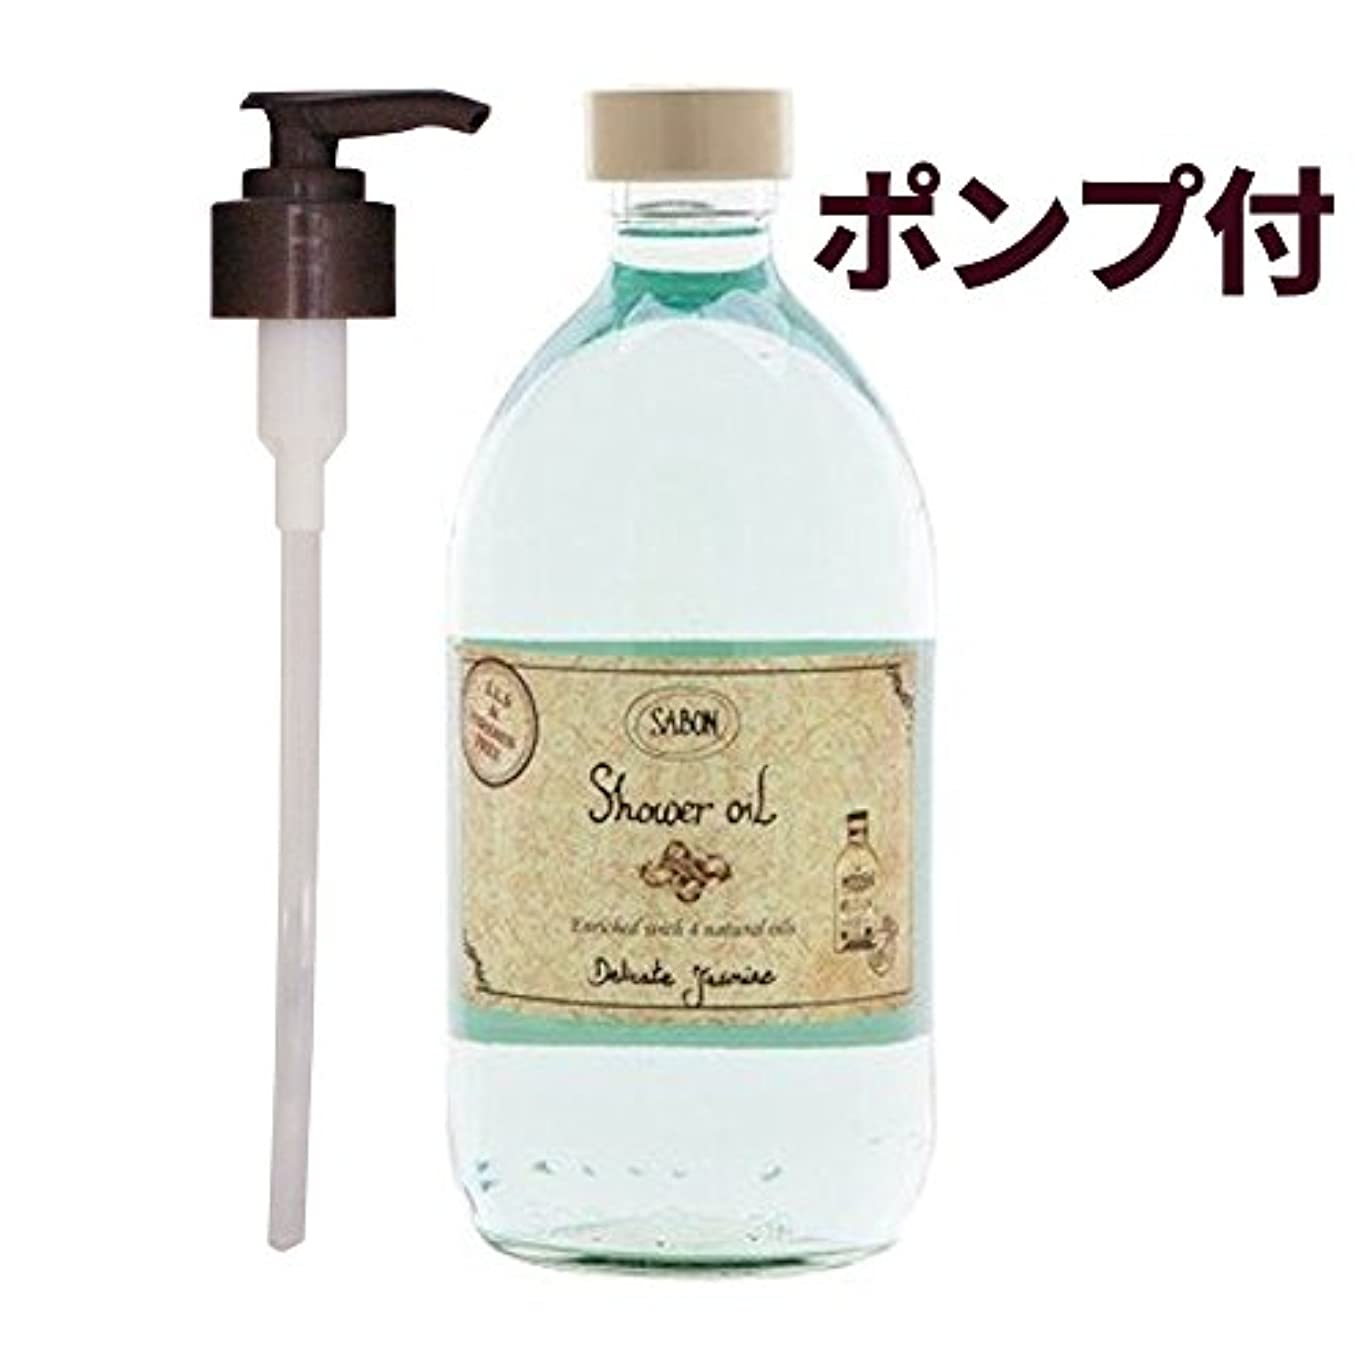 フィットネス賃金スーパーマーケットサボン シャワーオイル デリケートジャスミン500ml(並行輸入品)